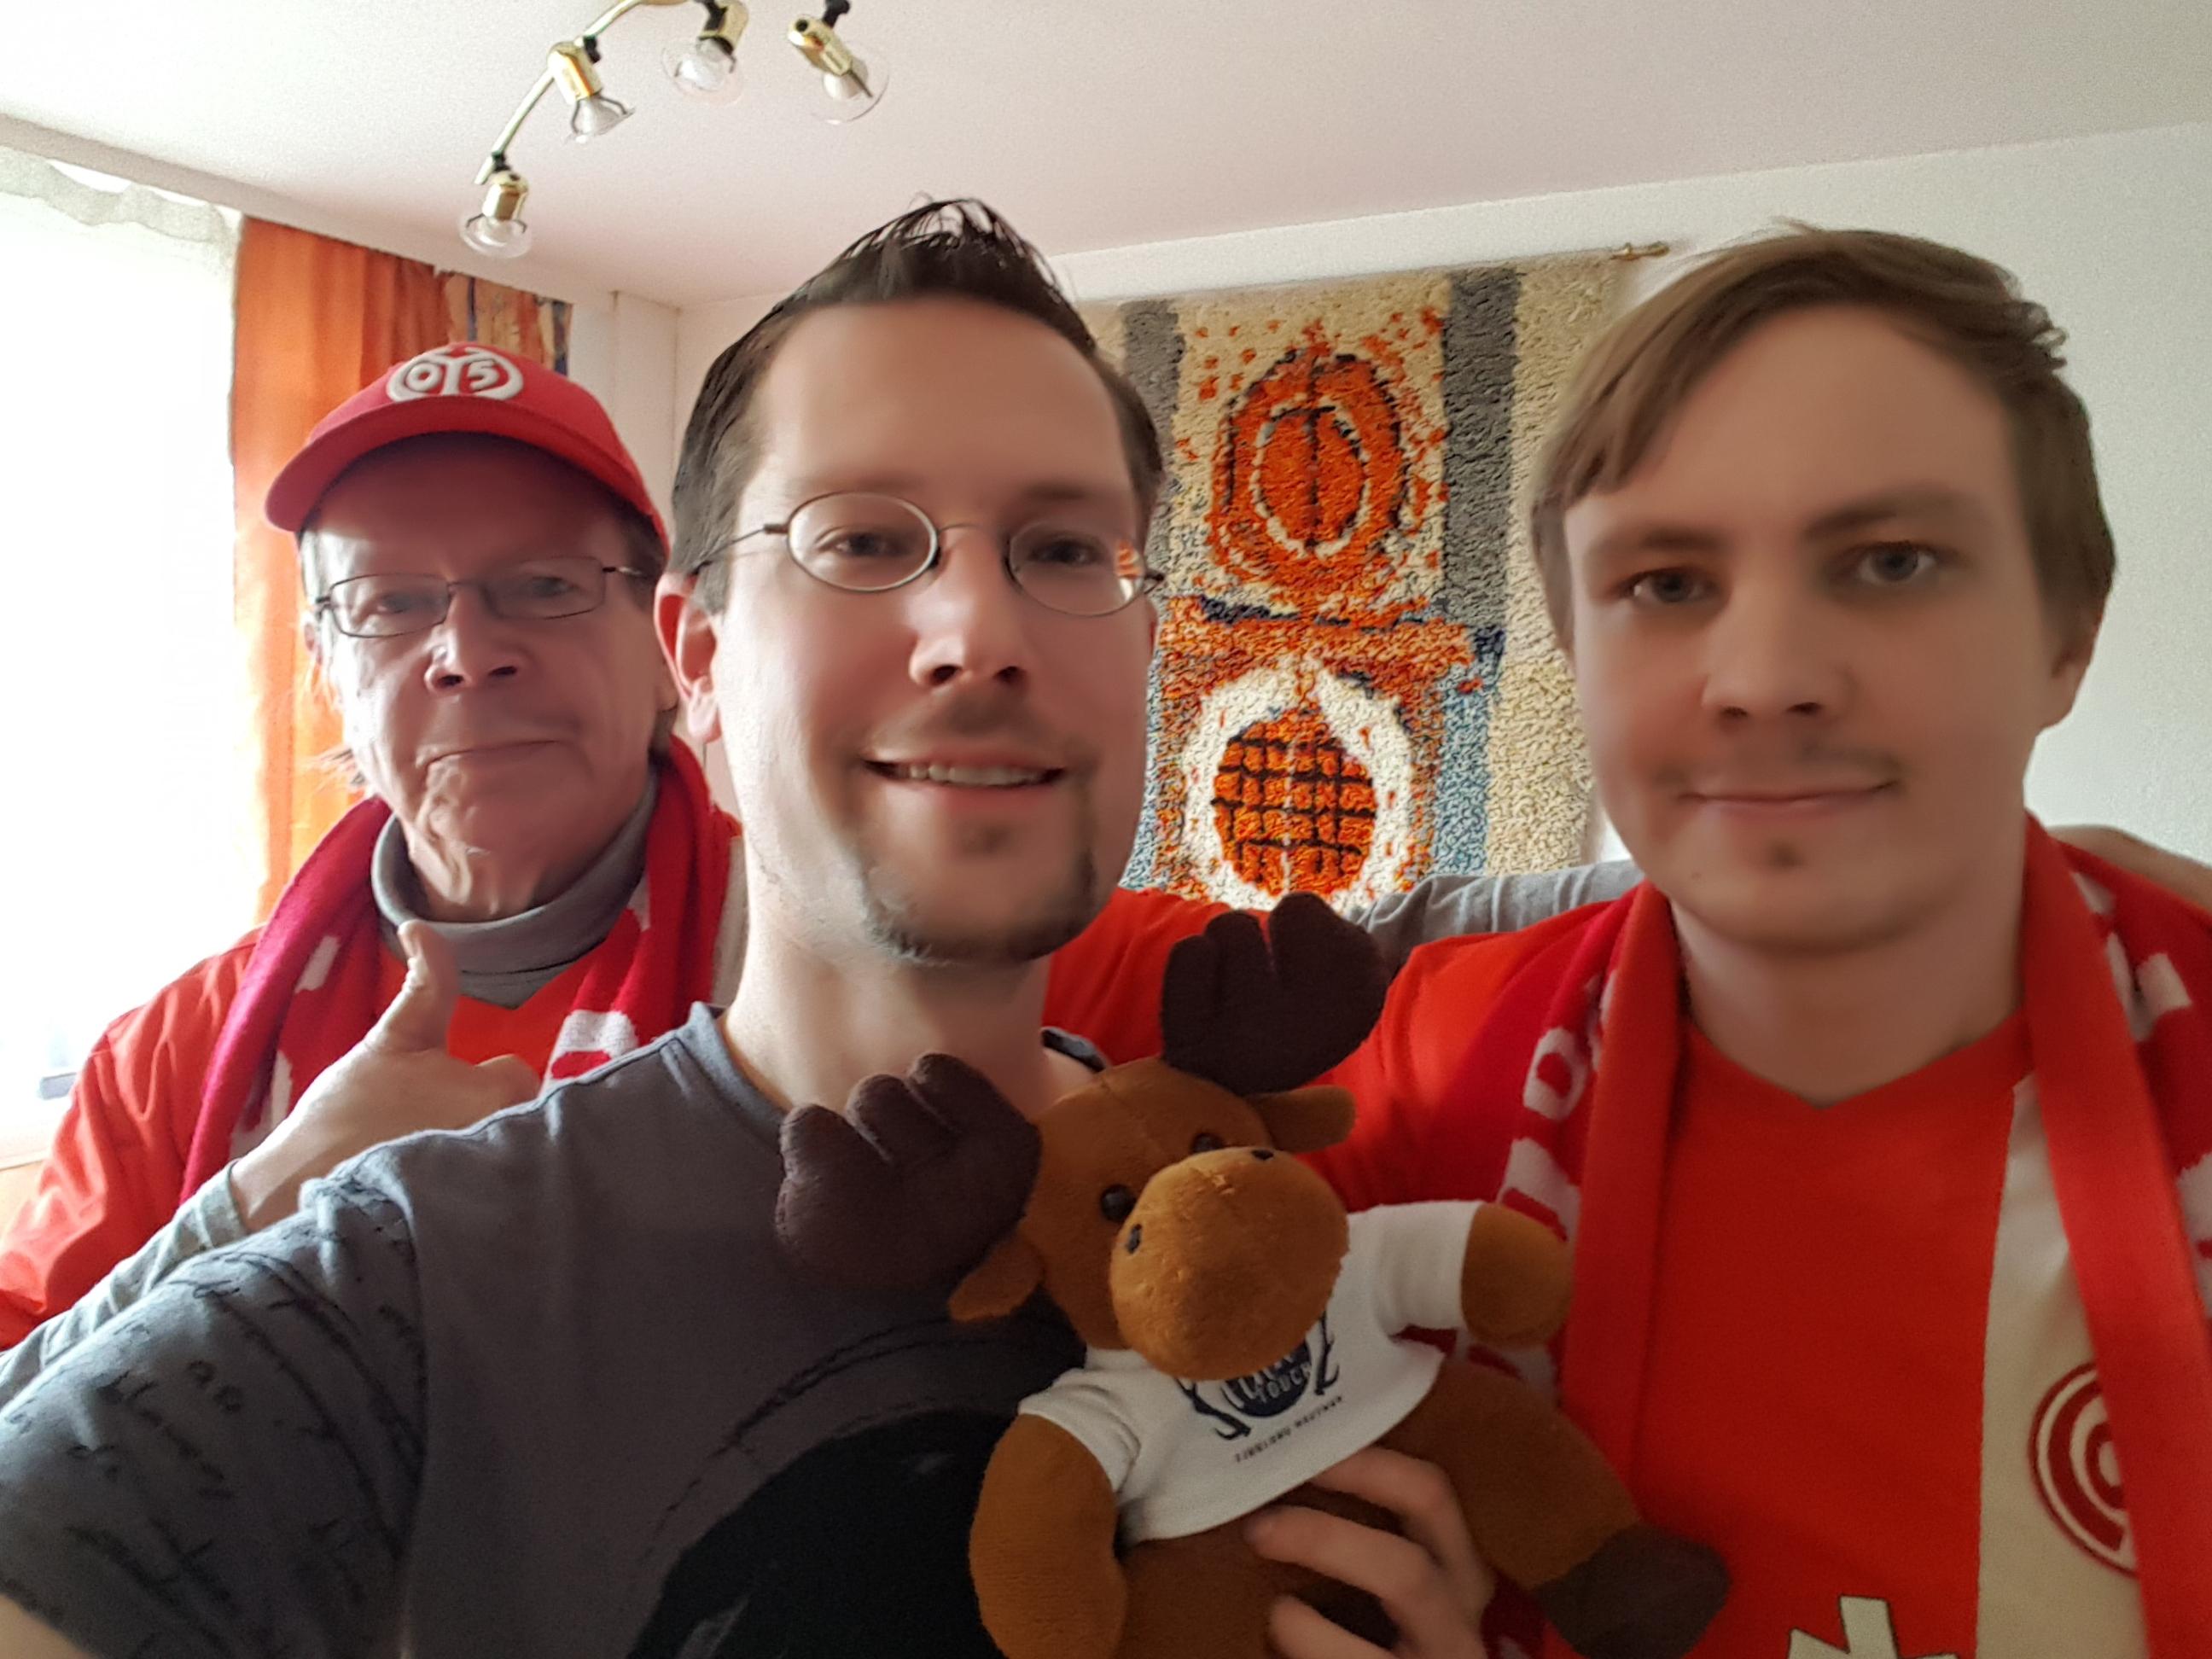 FinnTouch Hannu-Pekka trifft den Fan-Club-Finnland Mainz 05